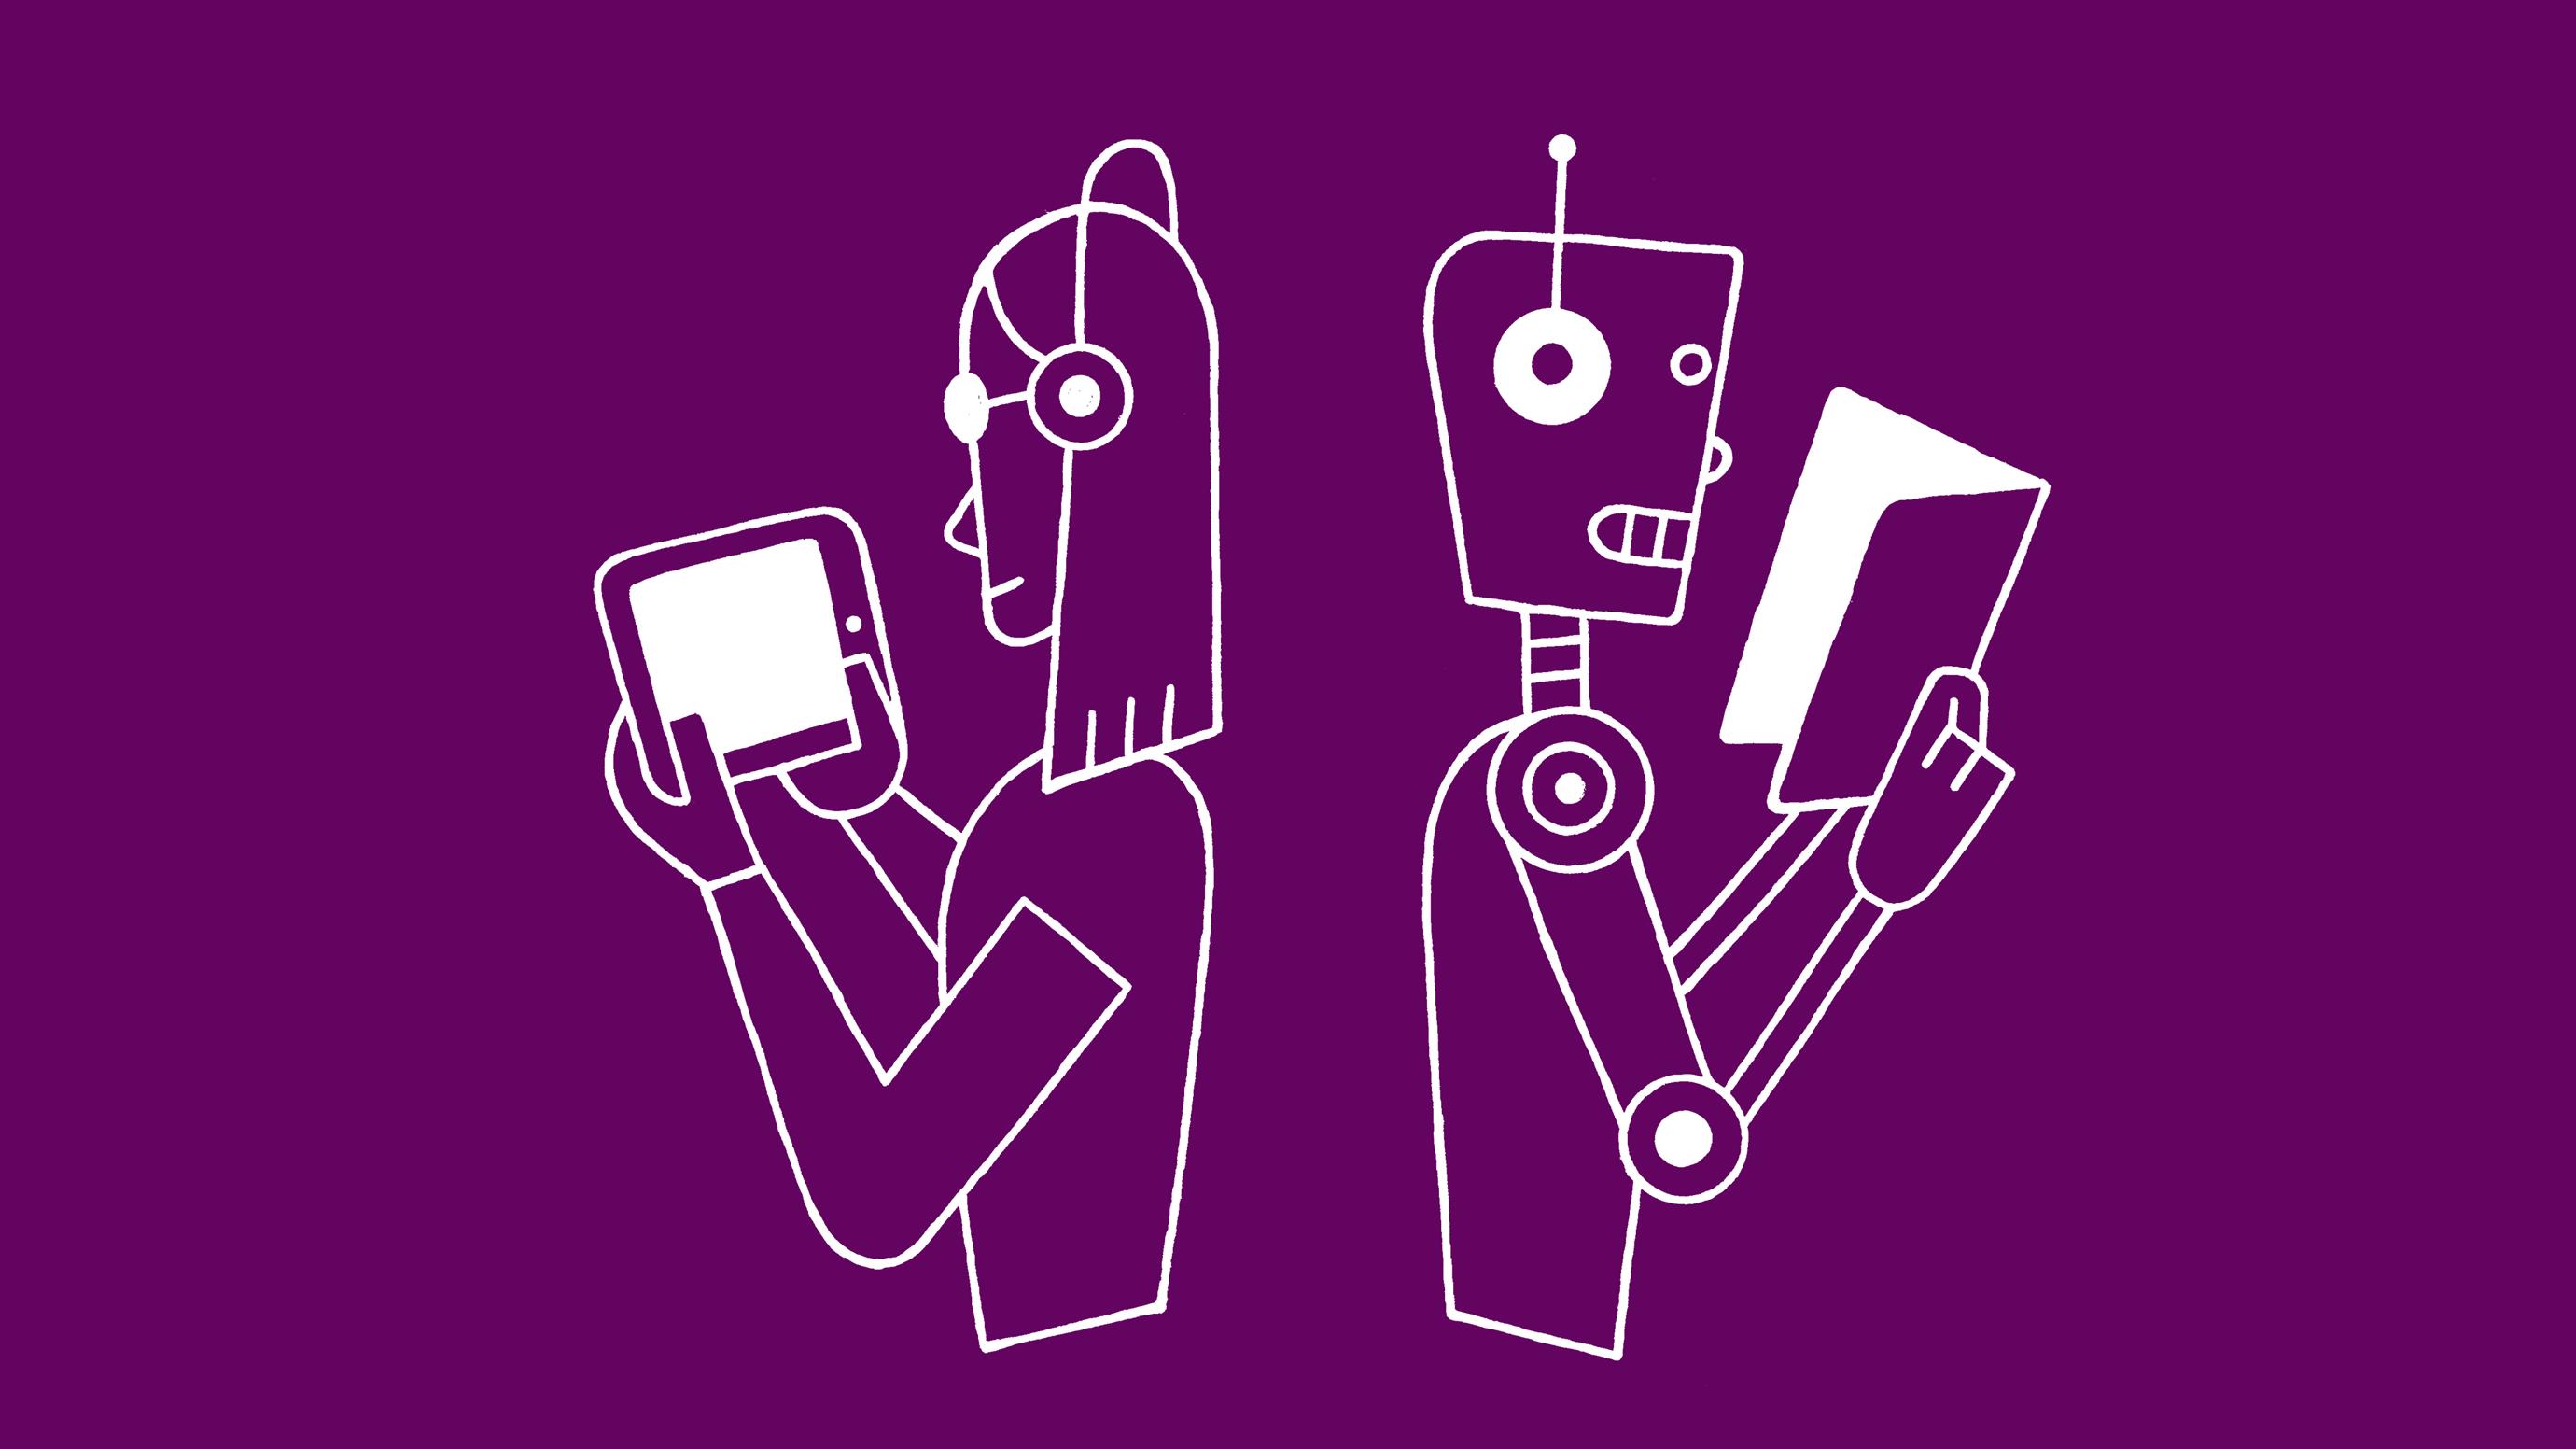 Las obras de ficción que sí entendieron cómo será el futuro de la inteligencia artificial